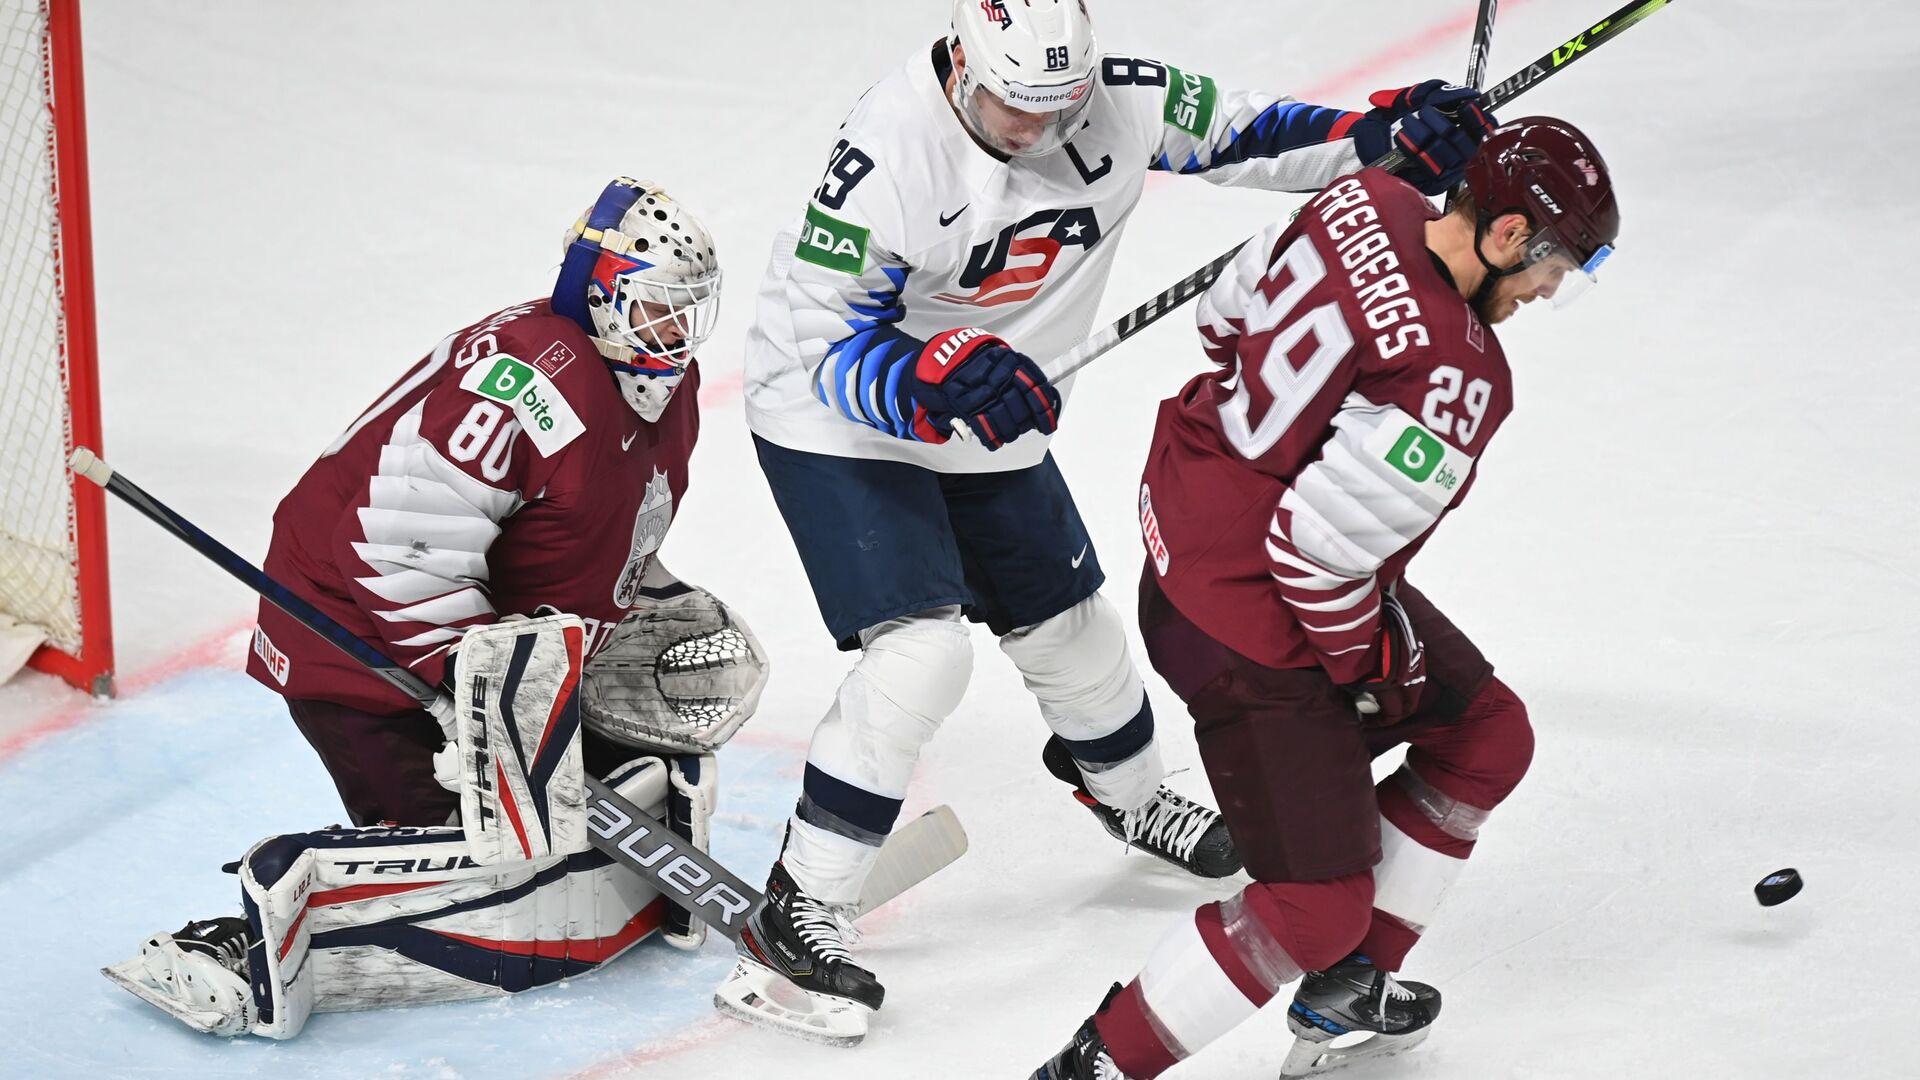 Слева направо: вратарь Матис Кивлениекс (Латвия), Джастин Абделкейдер (США) и Ральф Фрейбергс (Латвия) в матче группового этапа ЧМ по хоккею 2021 - Sputnik Латвия, 1920, 05.07.2021